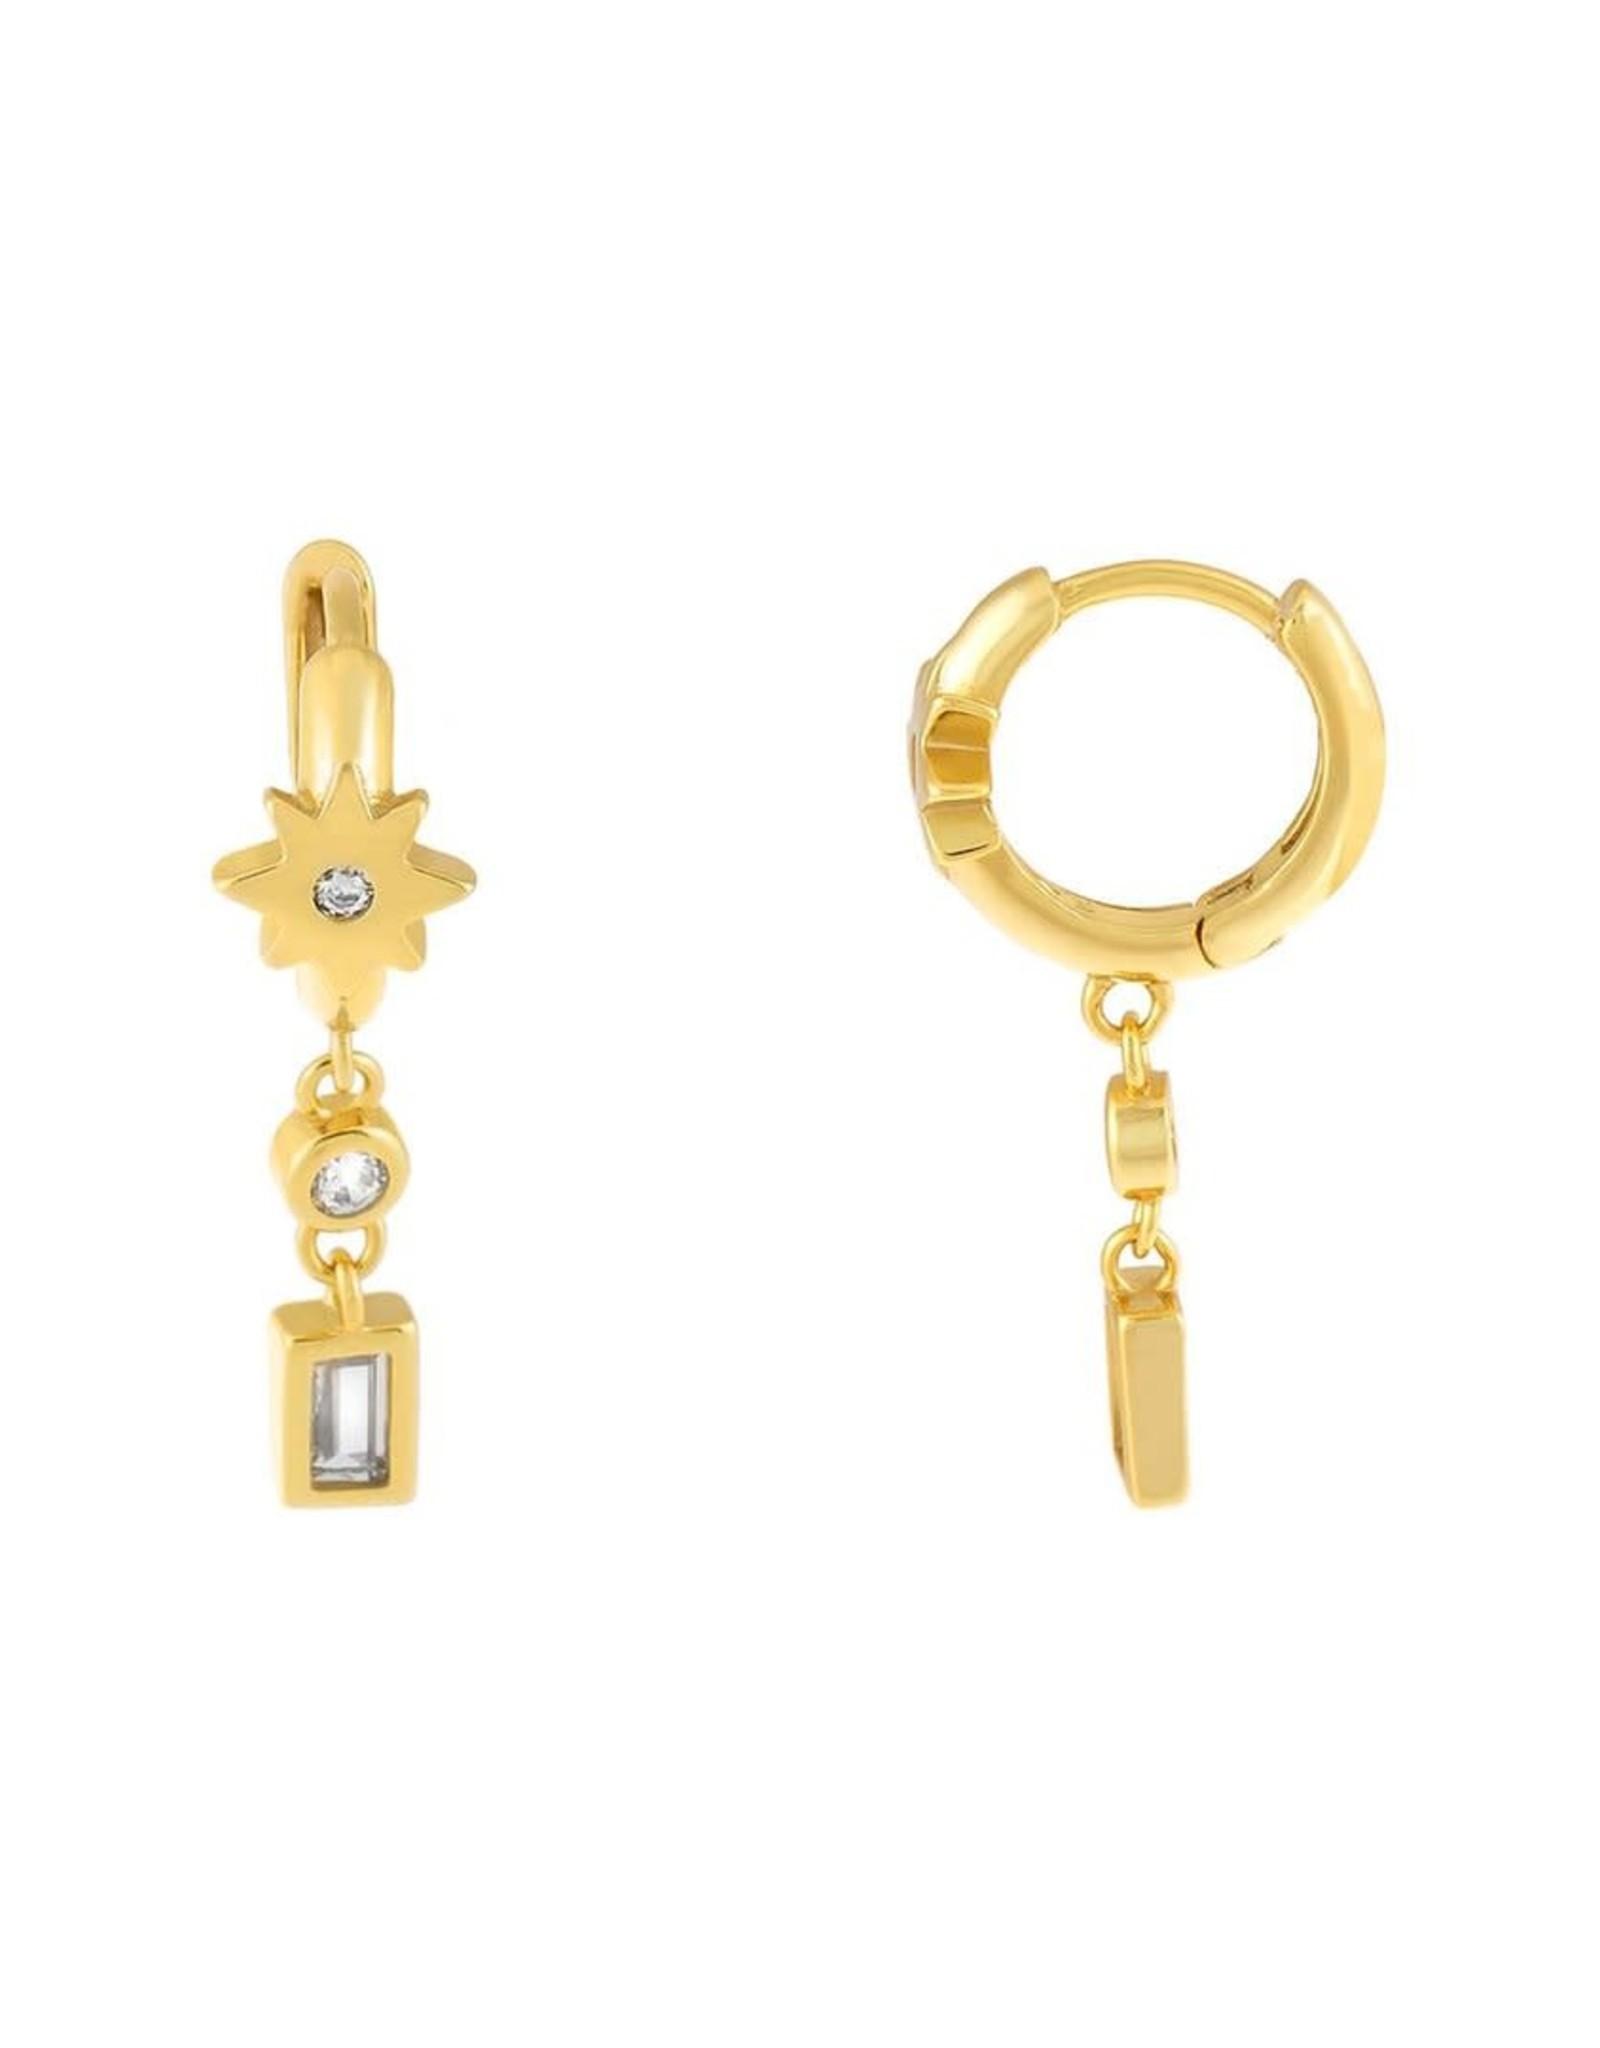 Adinas CZ Starburst X Baguette Huggie Earrings